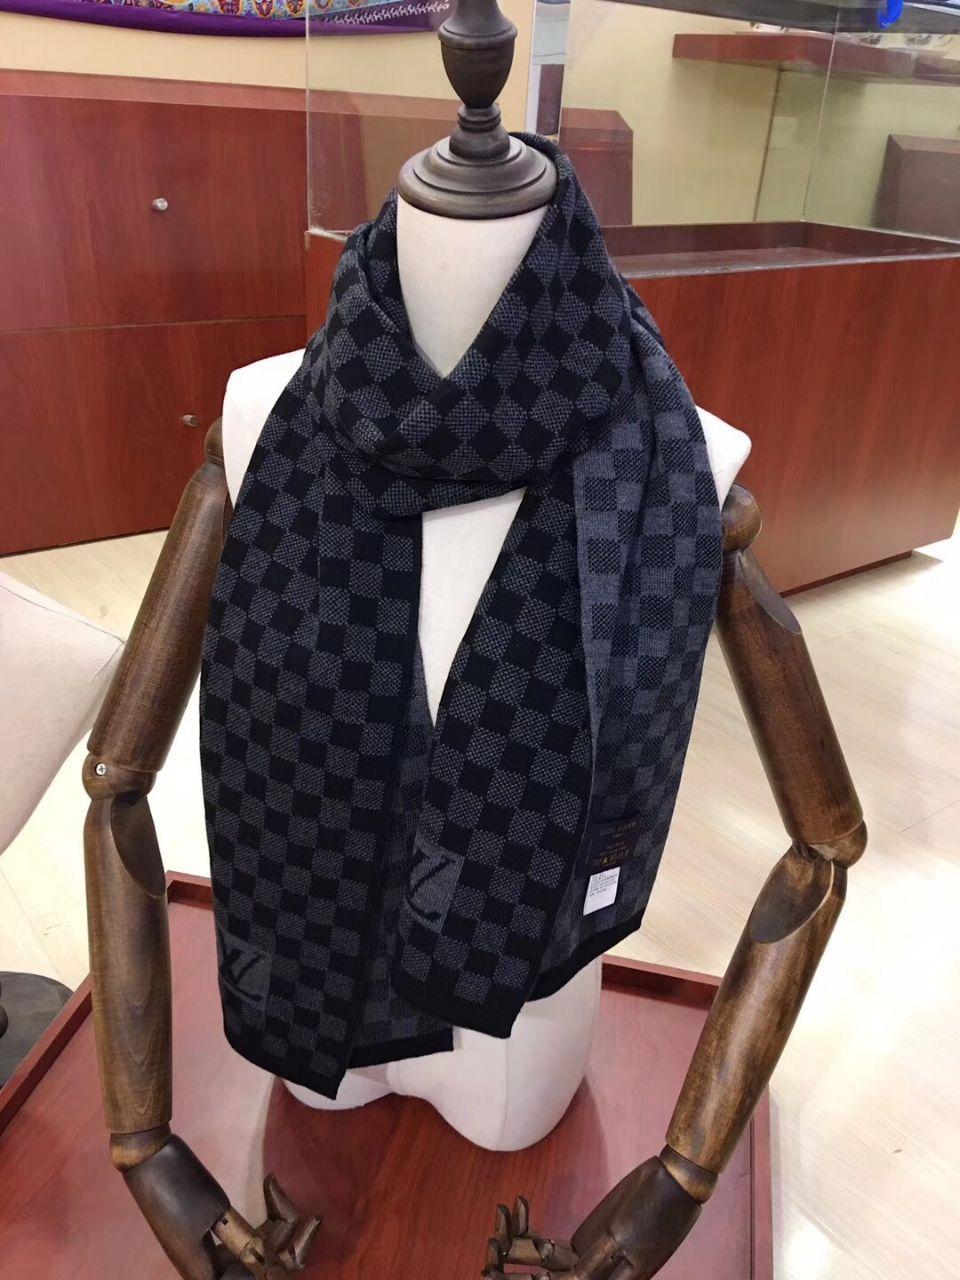 Hiver chaud Marque Hommes Femmes Mode Foulards en laine mélangée Foulard Homme Femme écharpe 170 * 40cm Options de 2color